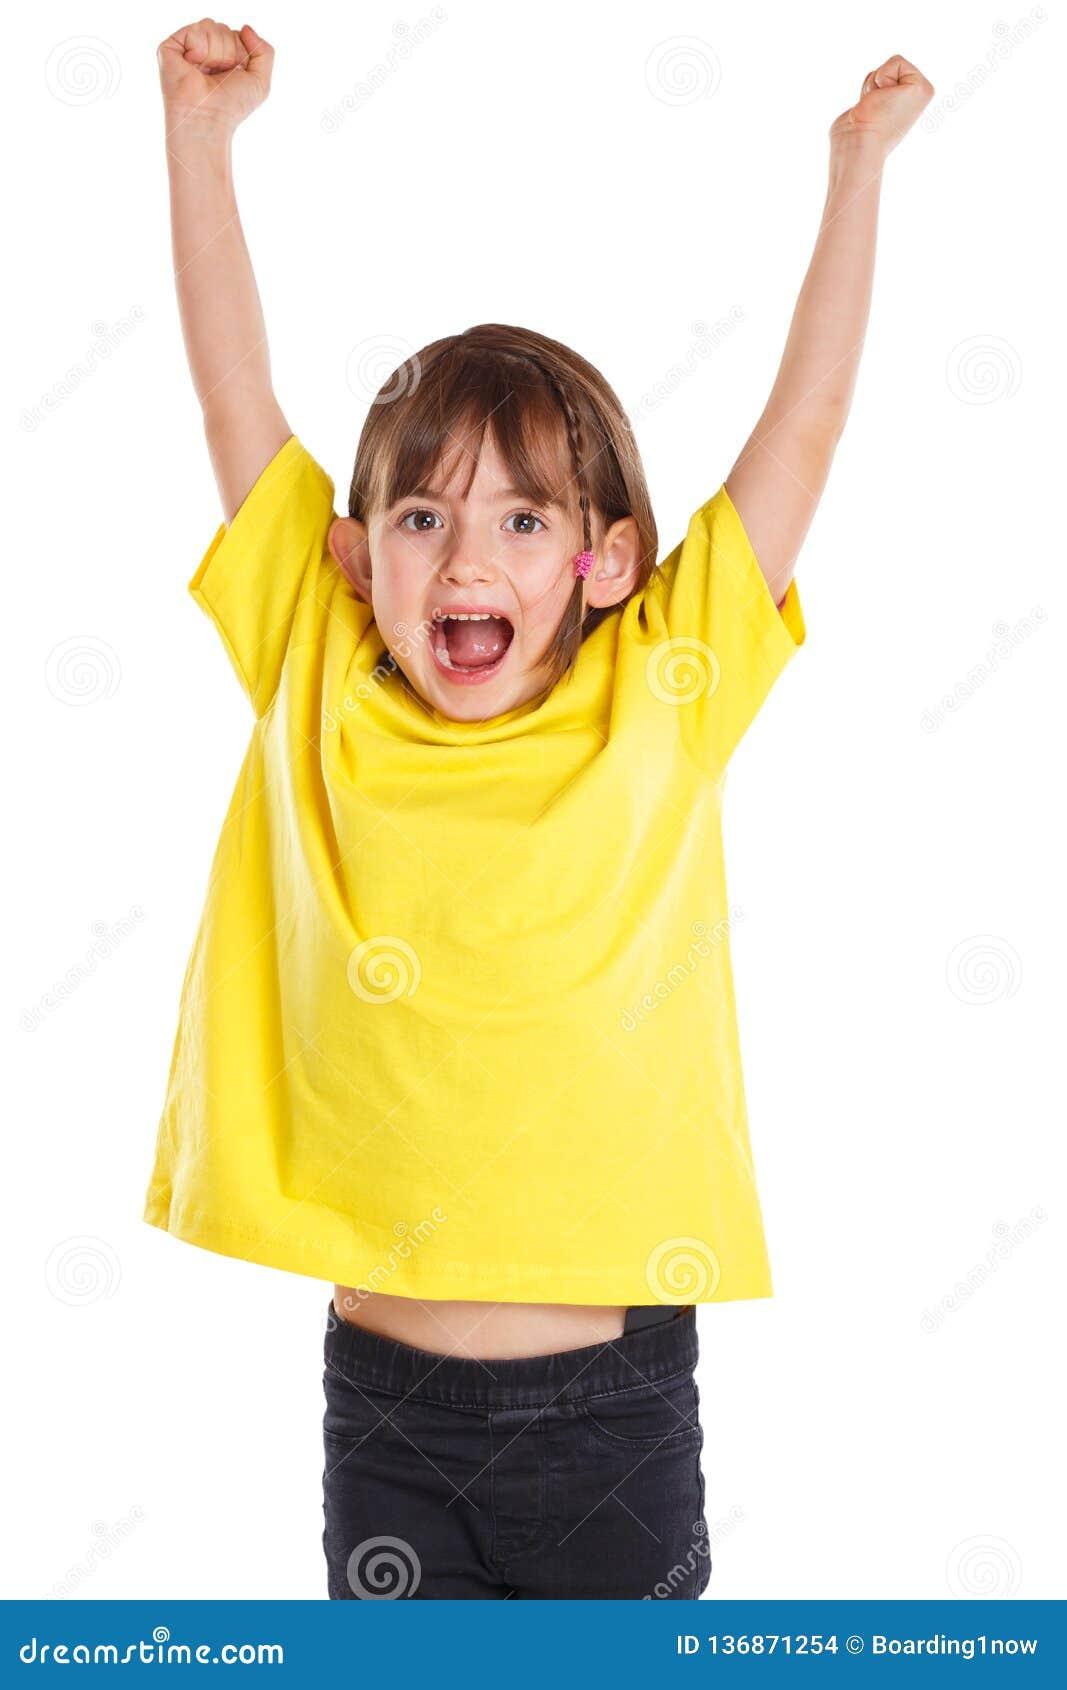 Παιδιών παιδιών κοριτσιών ευτυχείς ευτυχίας πηδώντας νεολαίες διασκέδασης επιτυχίας επιτυχείς καλές που απομονώνονται στο λευκό